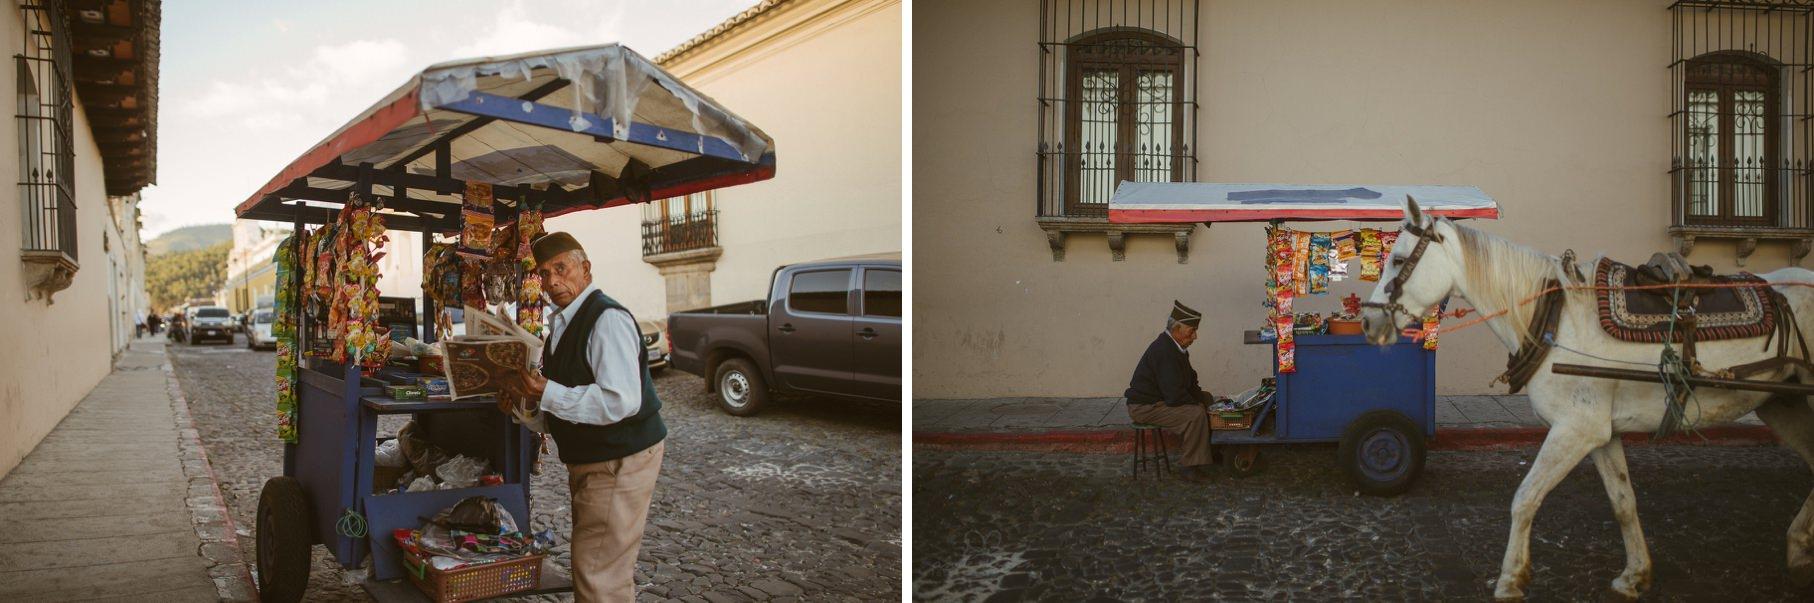 0026 anne und bjoern guatemala 811 2715 - 4 Wochen durch Guatemala - backpacking durch Mittelamerika